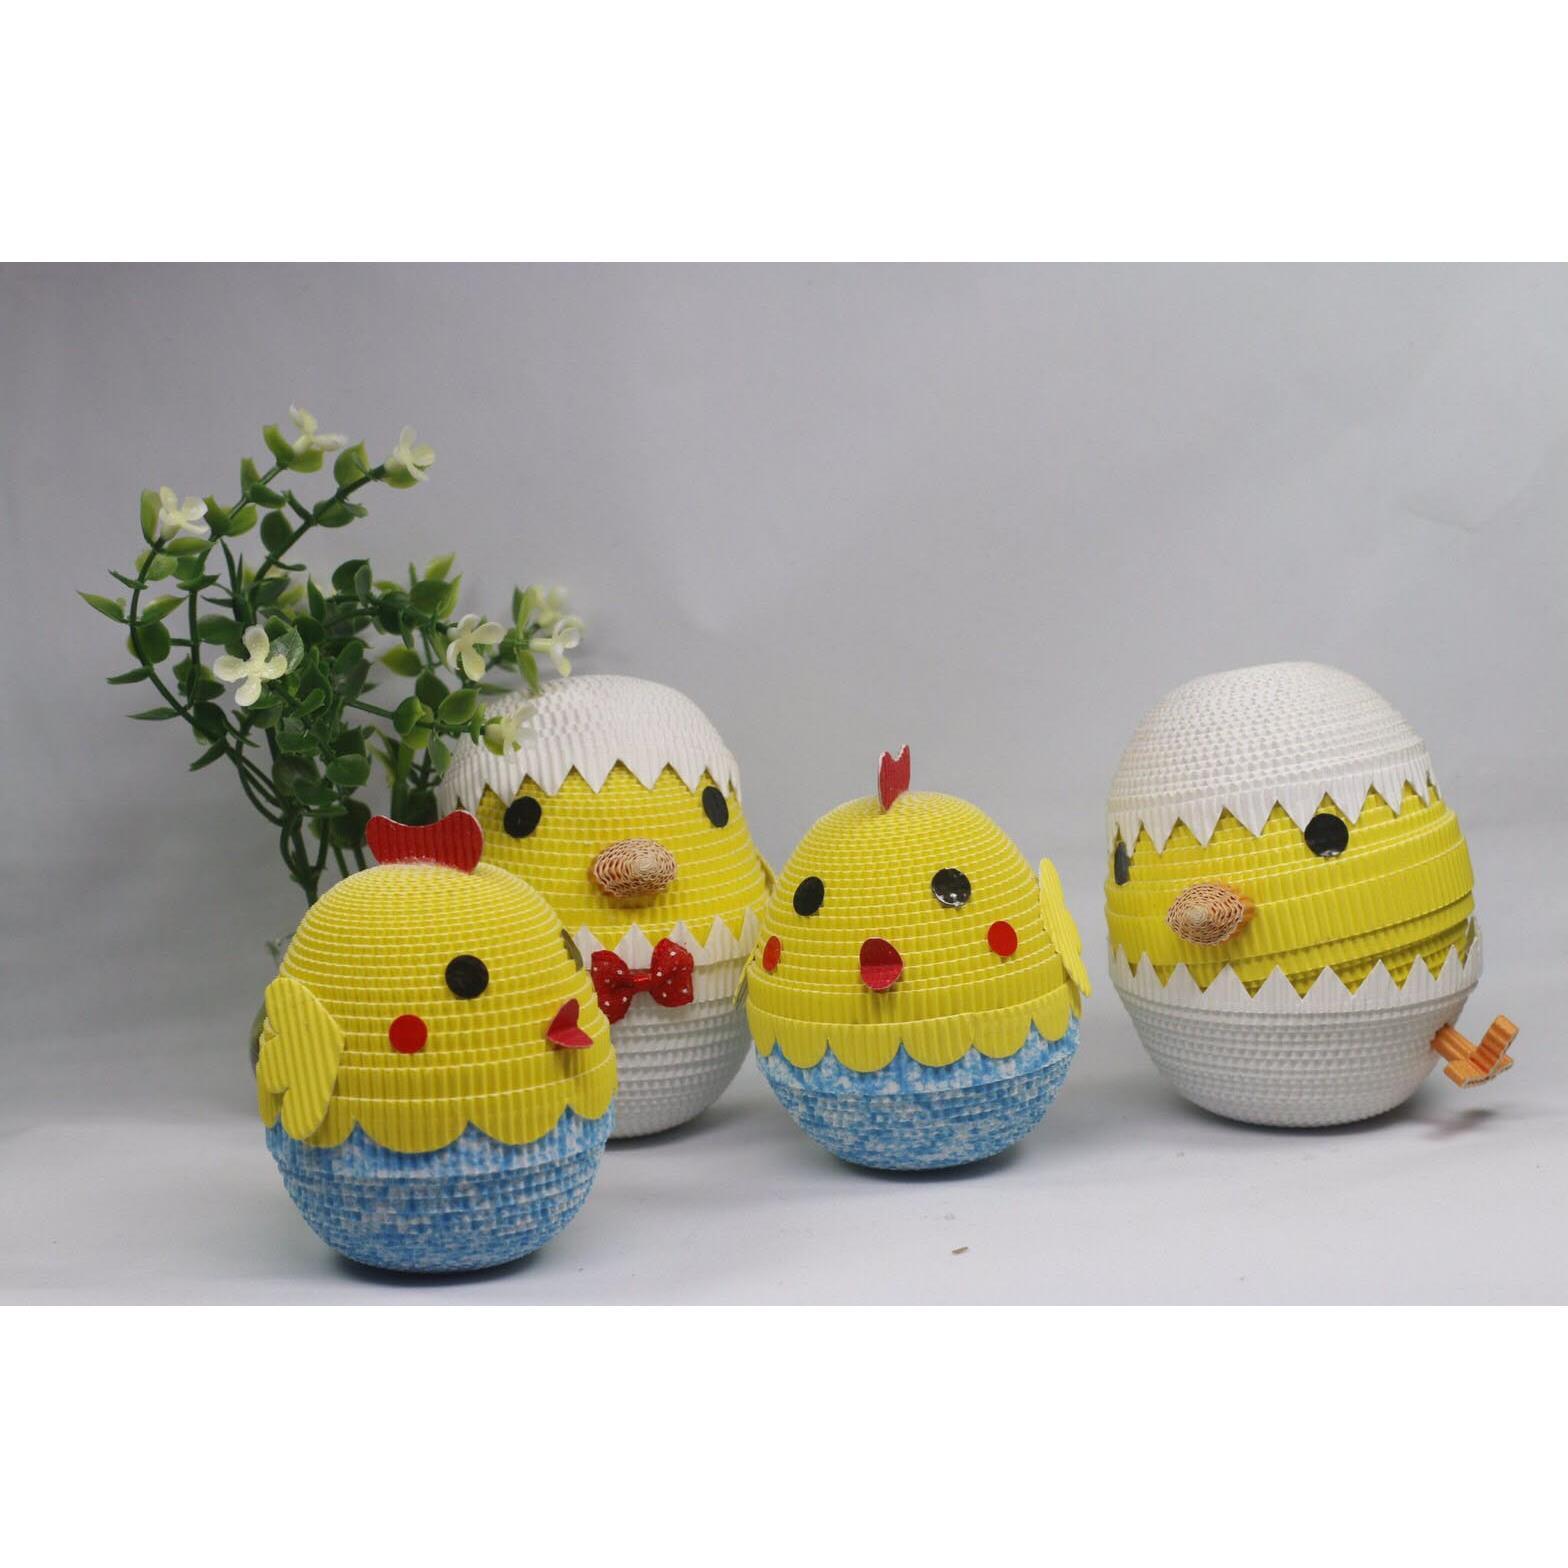 京站~微笑文創~蛋捲娃娃DIY材料包~可愛小雞 帶路雞